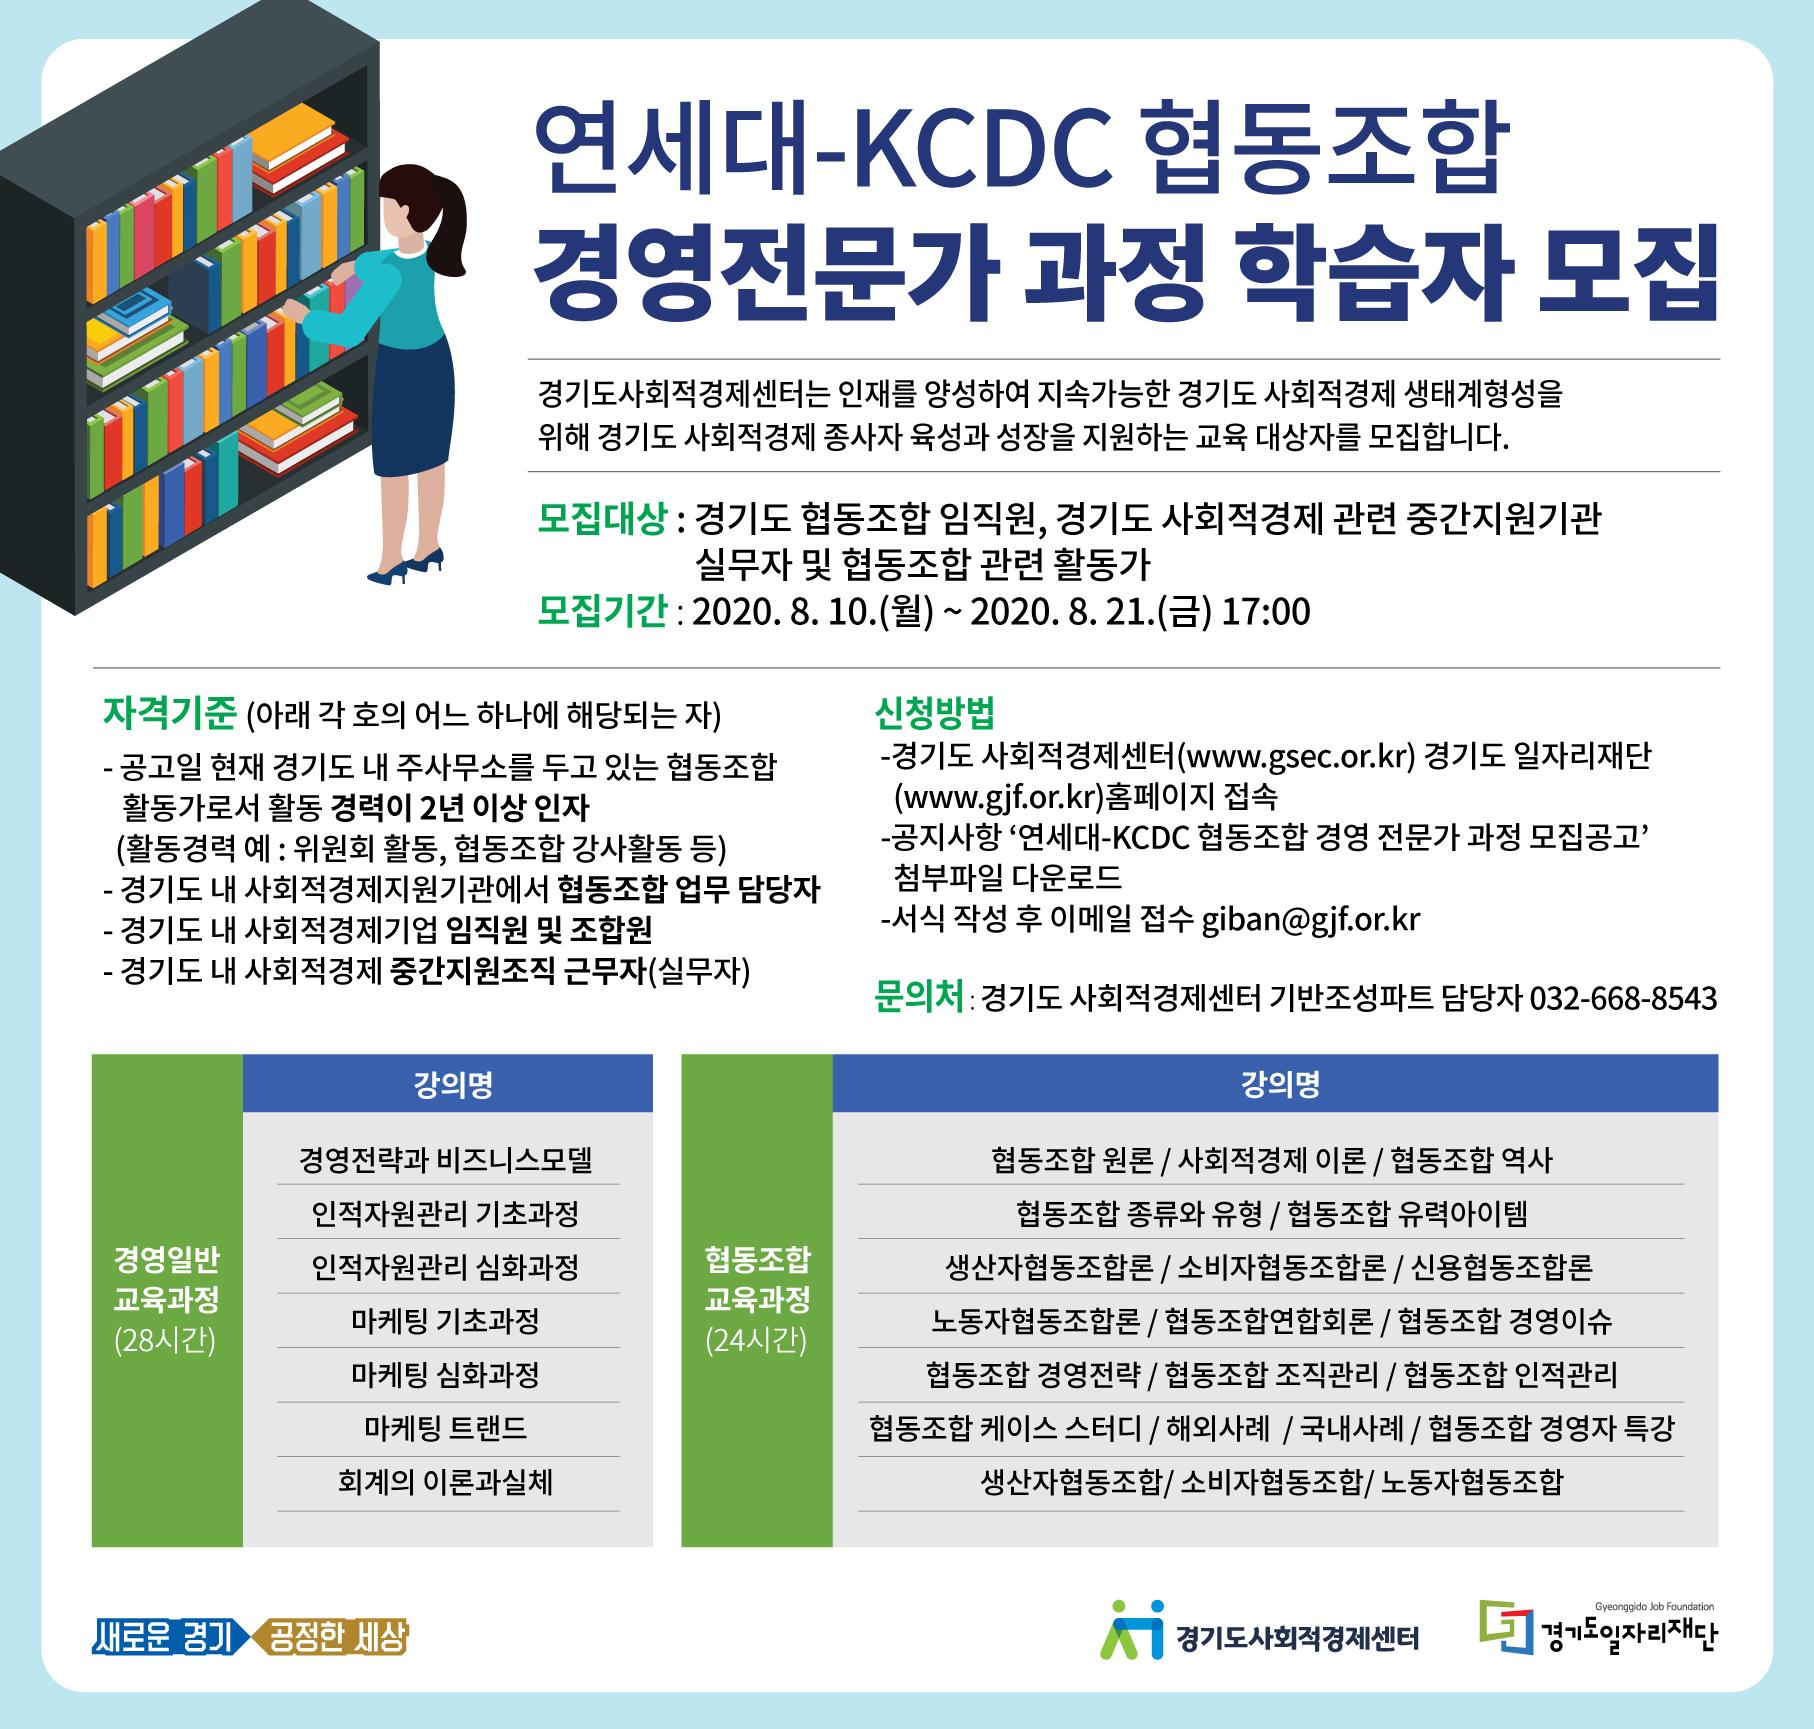 연세대-KCDC협동조합경영전문가과정 웹자보.jpg